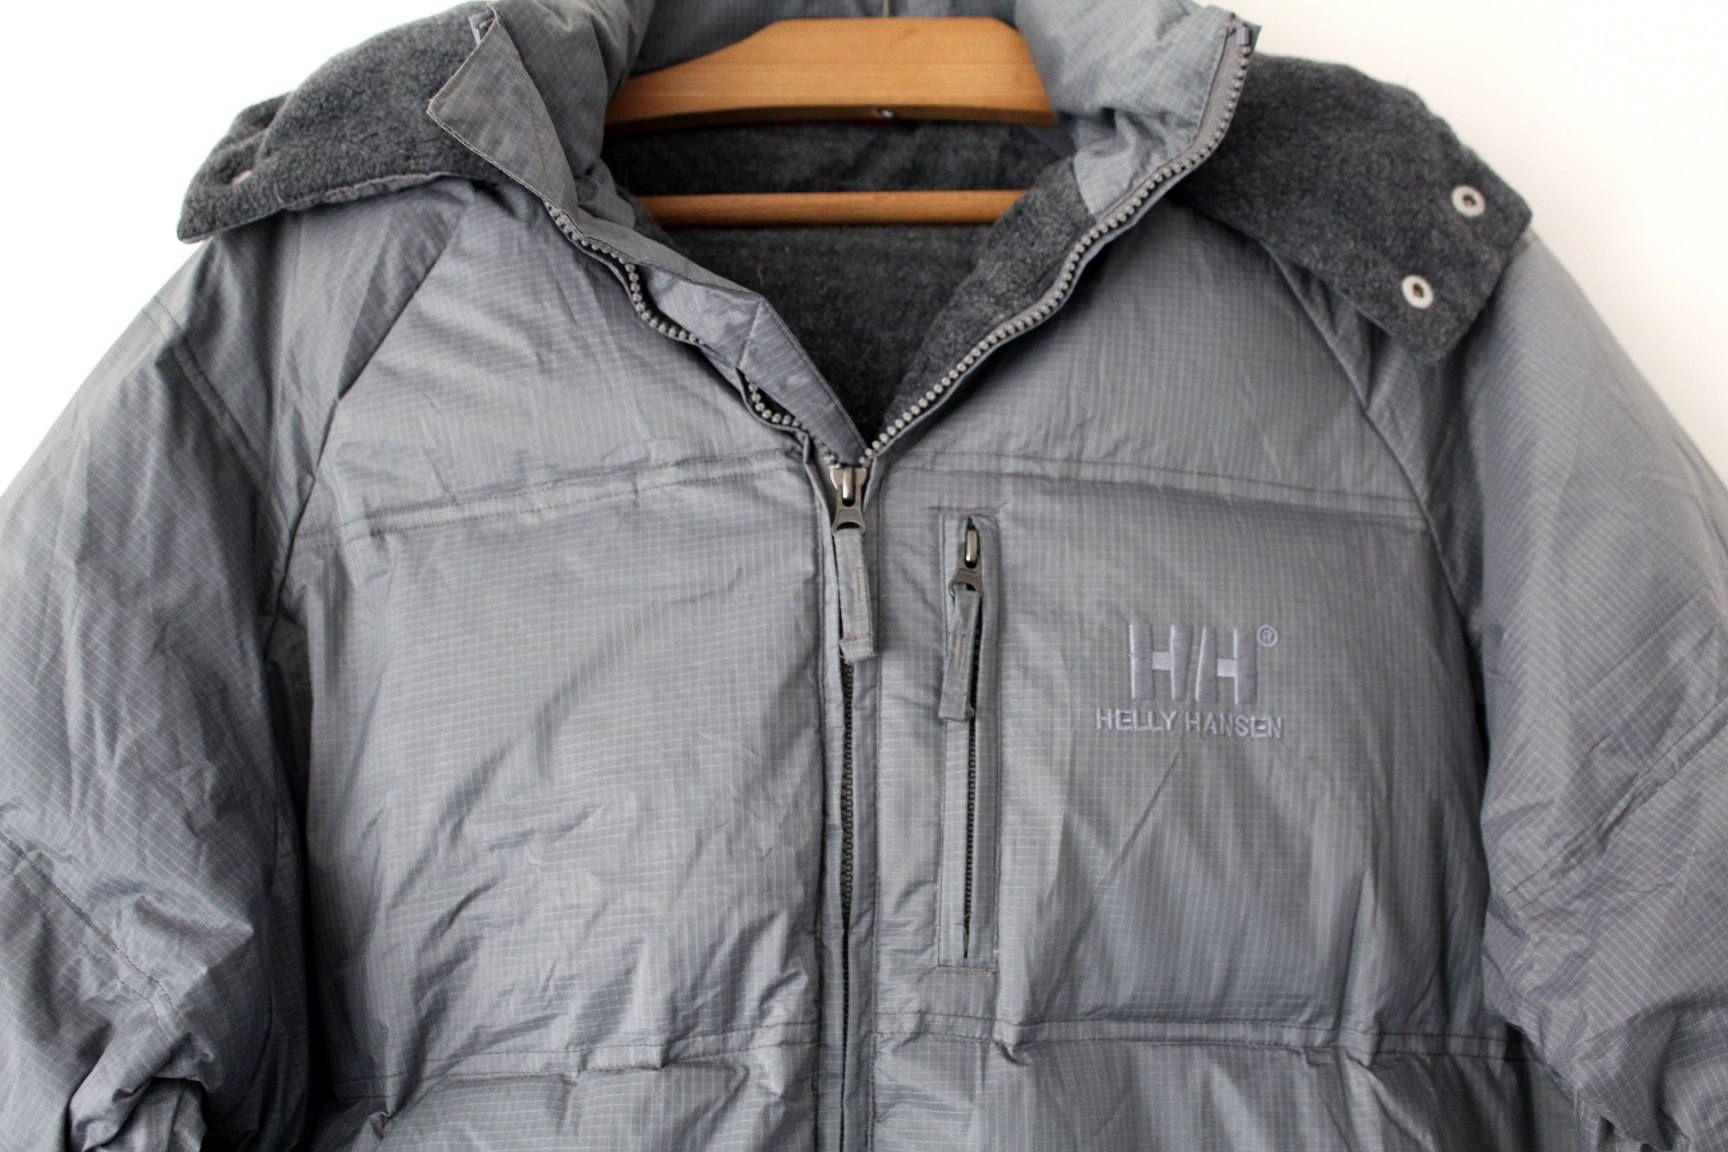 90 S Helly Hansen Down Jacket Vintage Warm Puffer Jacket Etsy Jackets Warm Puffer Jackets Down Jacket [ 1152 x 1728 Pixel ]